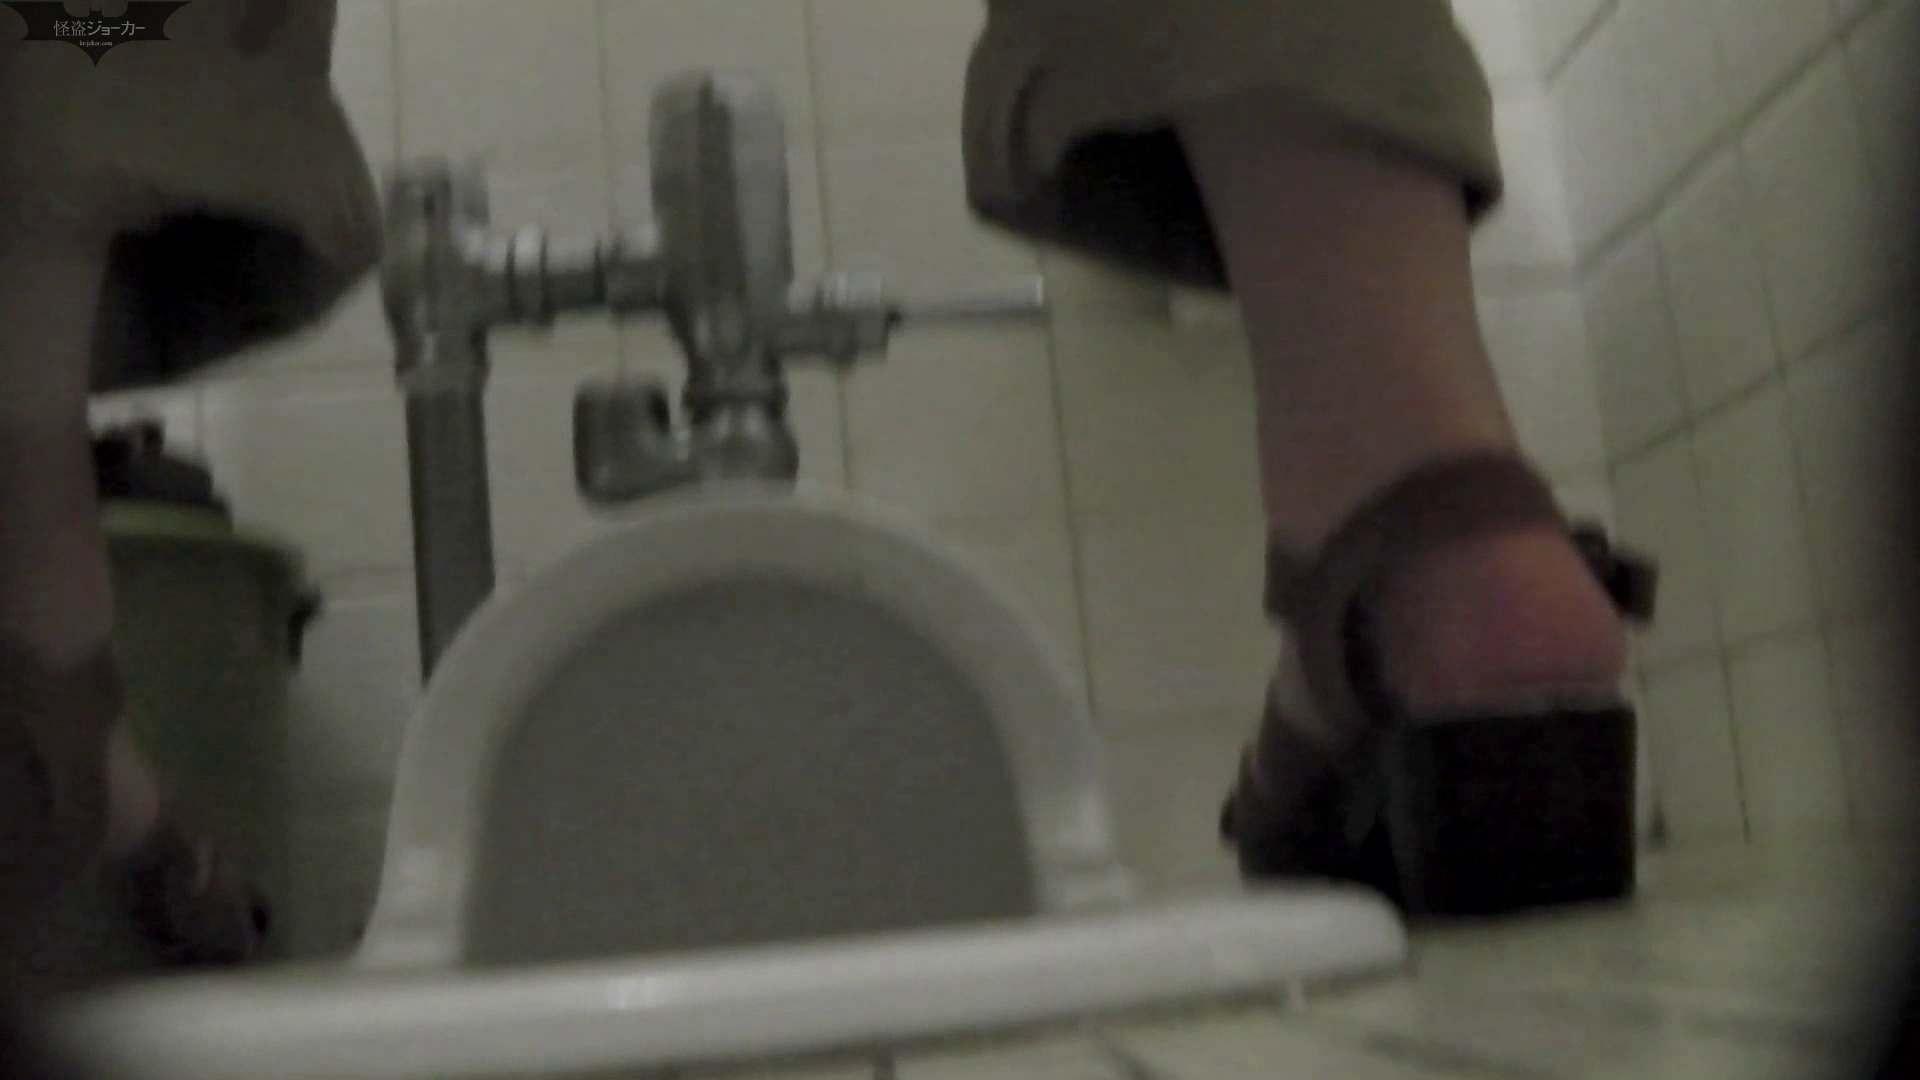 洗面所特攻隊 vol.57過食症に悩む美女 洗面所のぞき アダルト動画キャプチャ 82枚 12